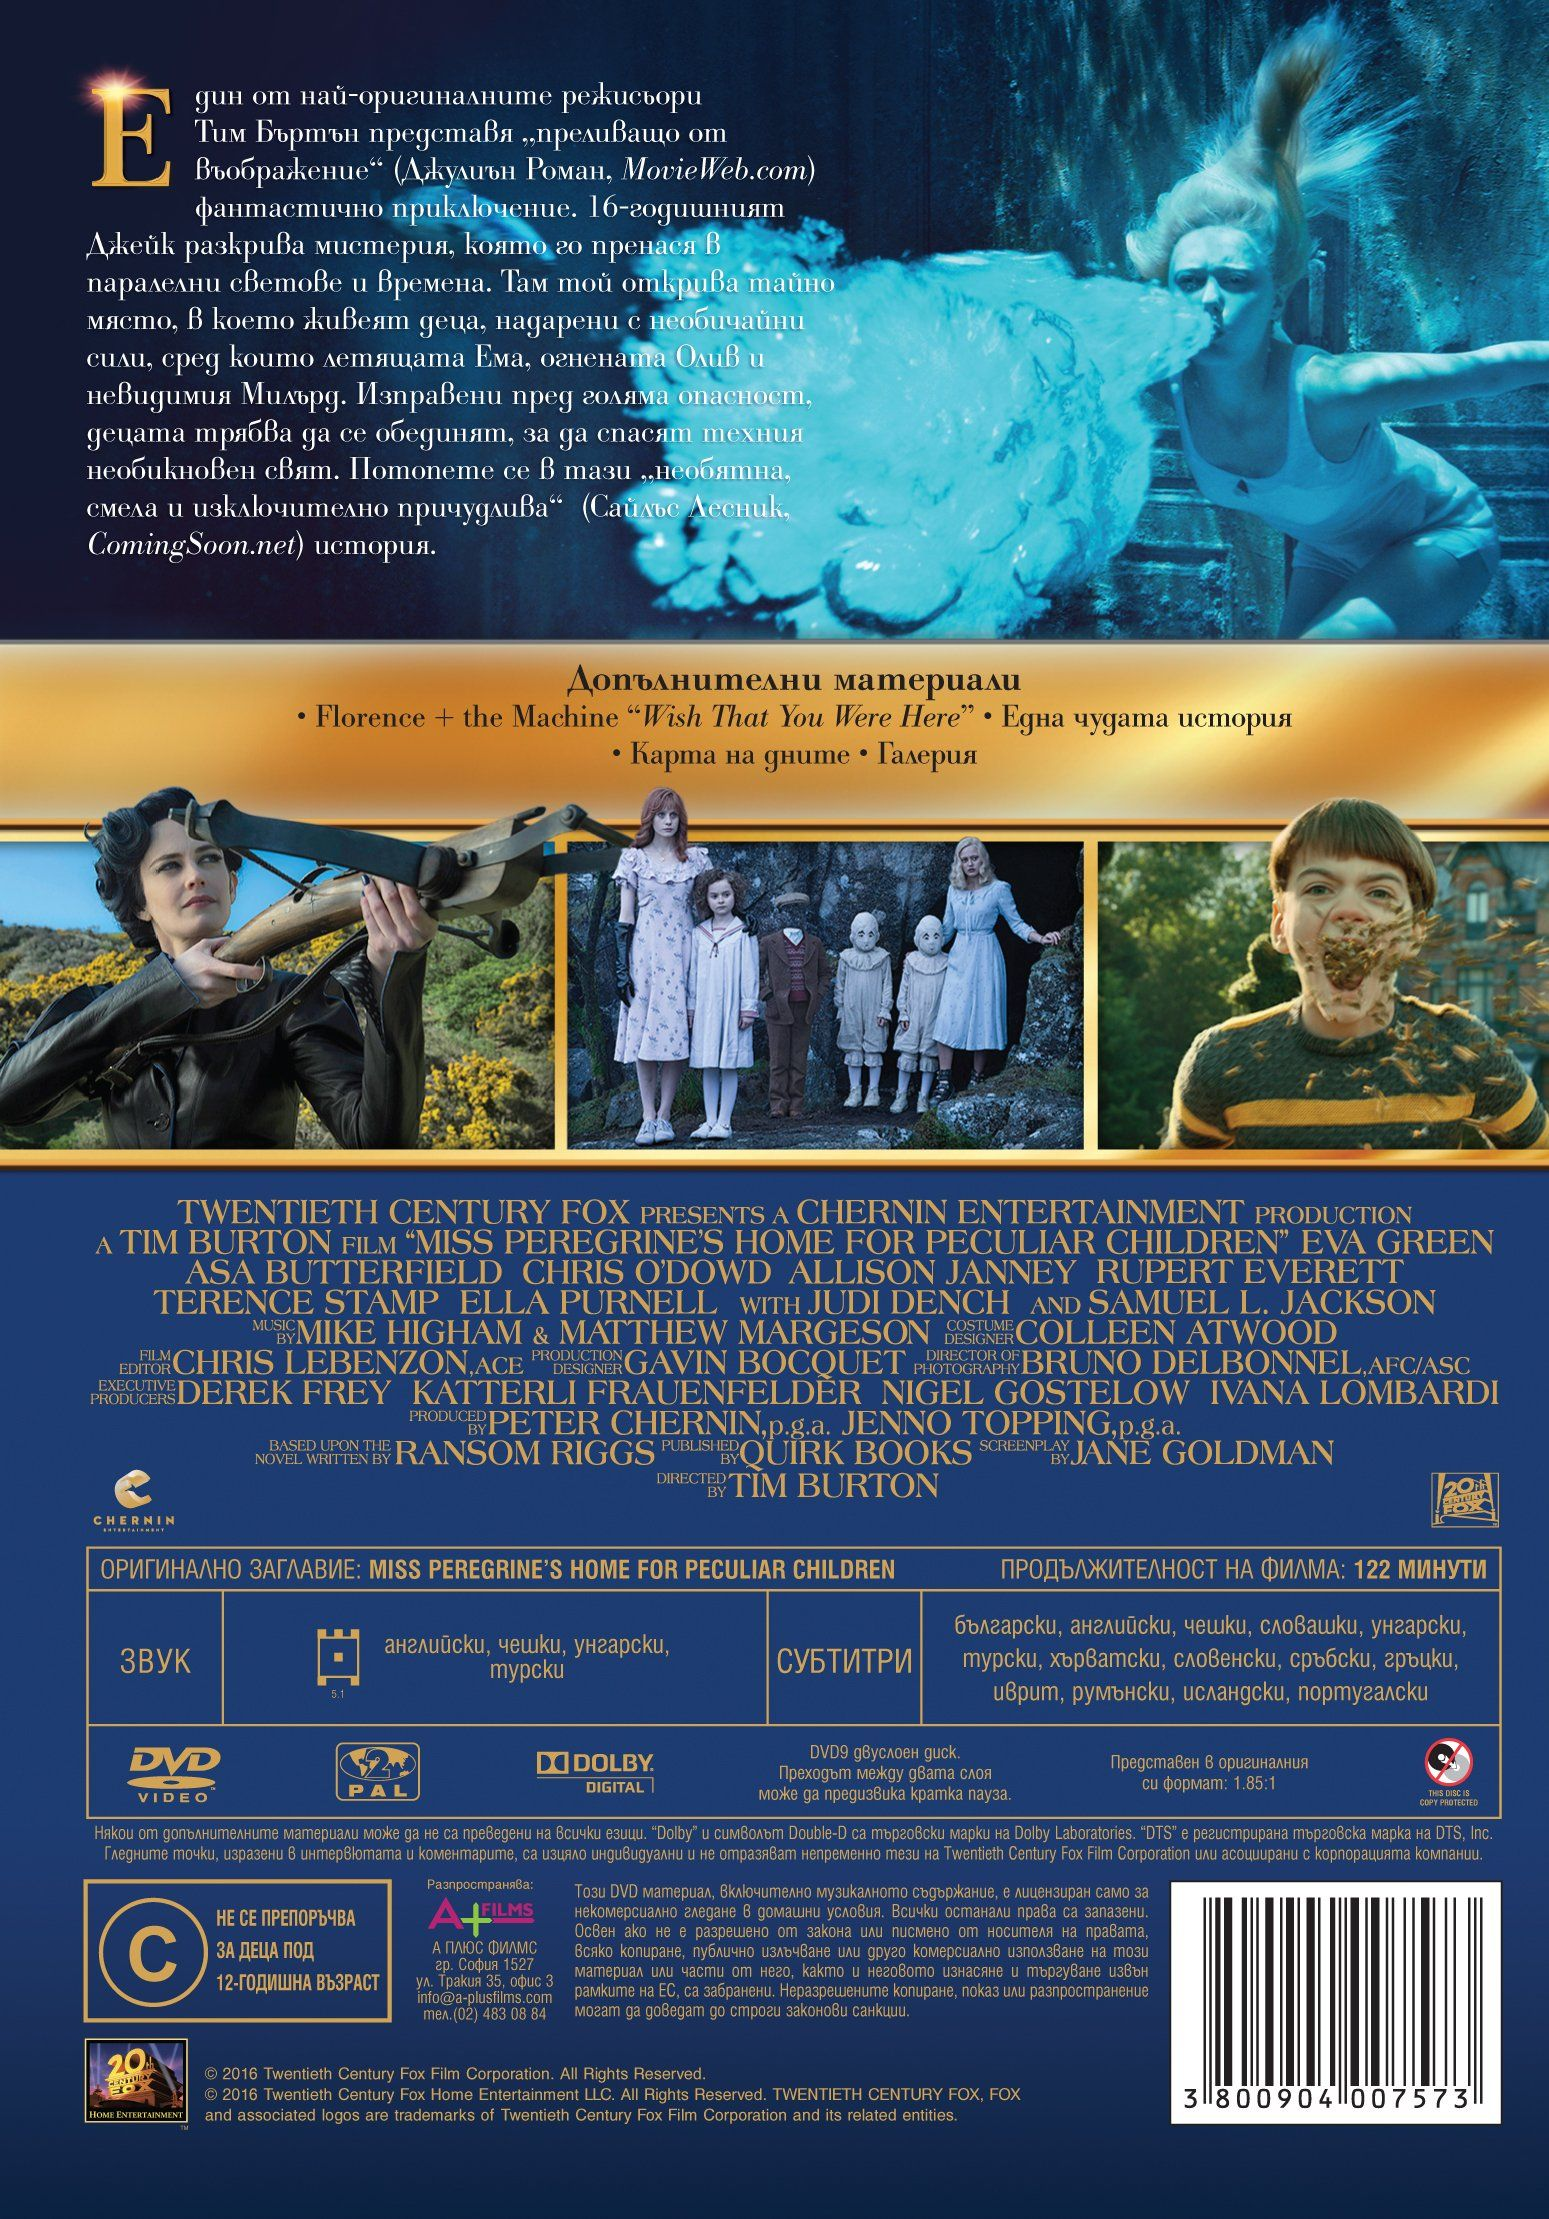 Домът на мис Перигрин за чудати деца (DVD) - 3